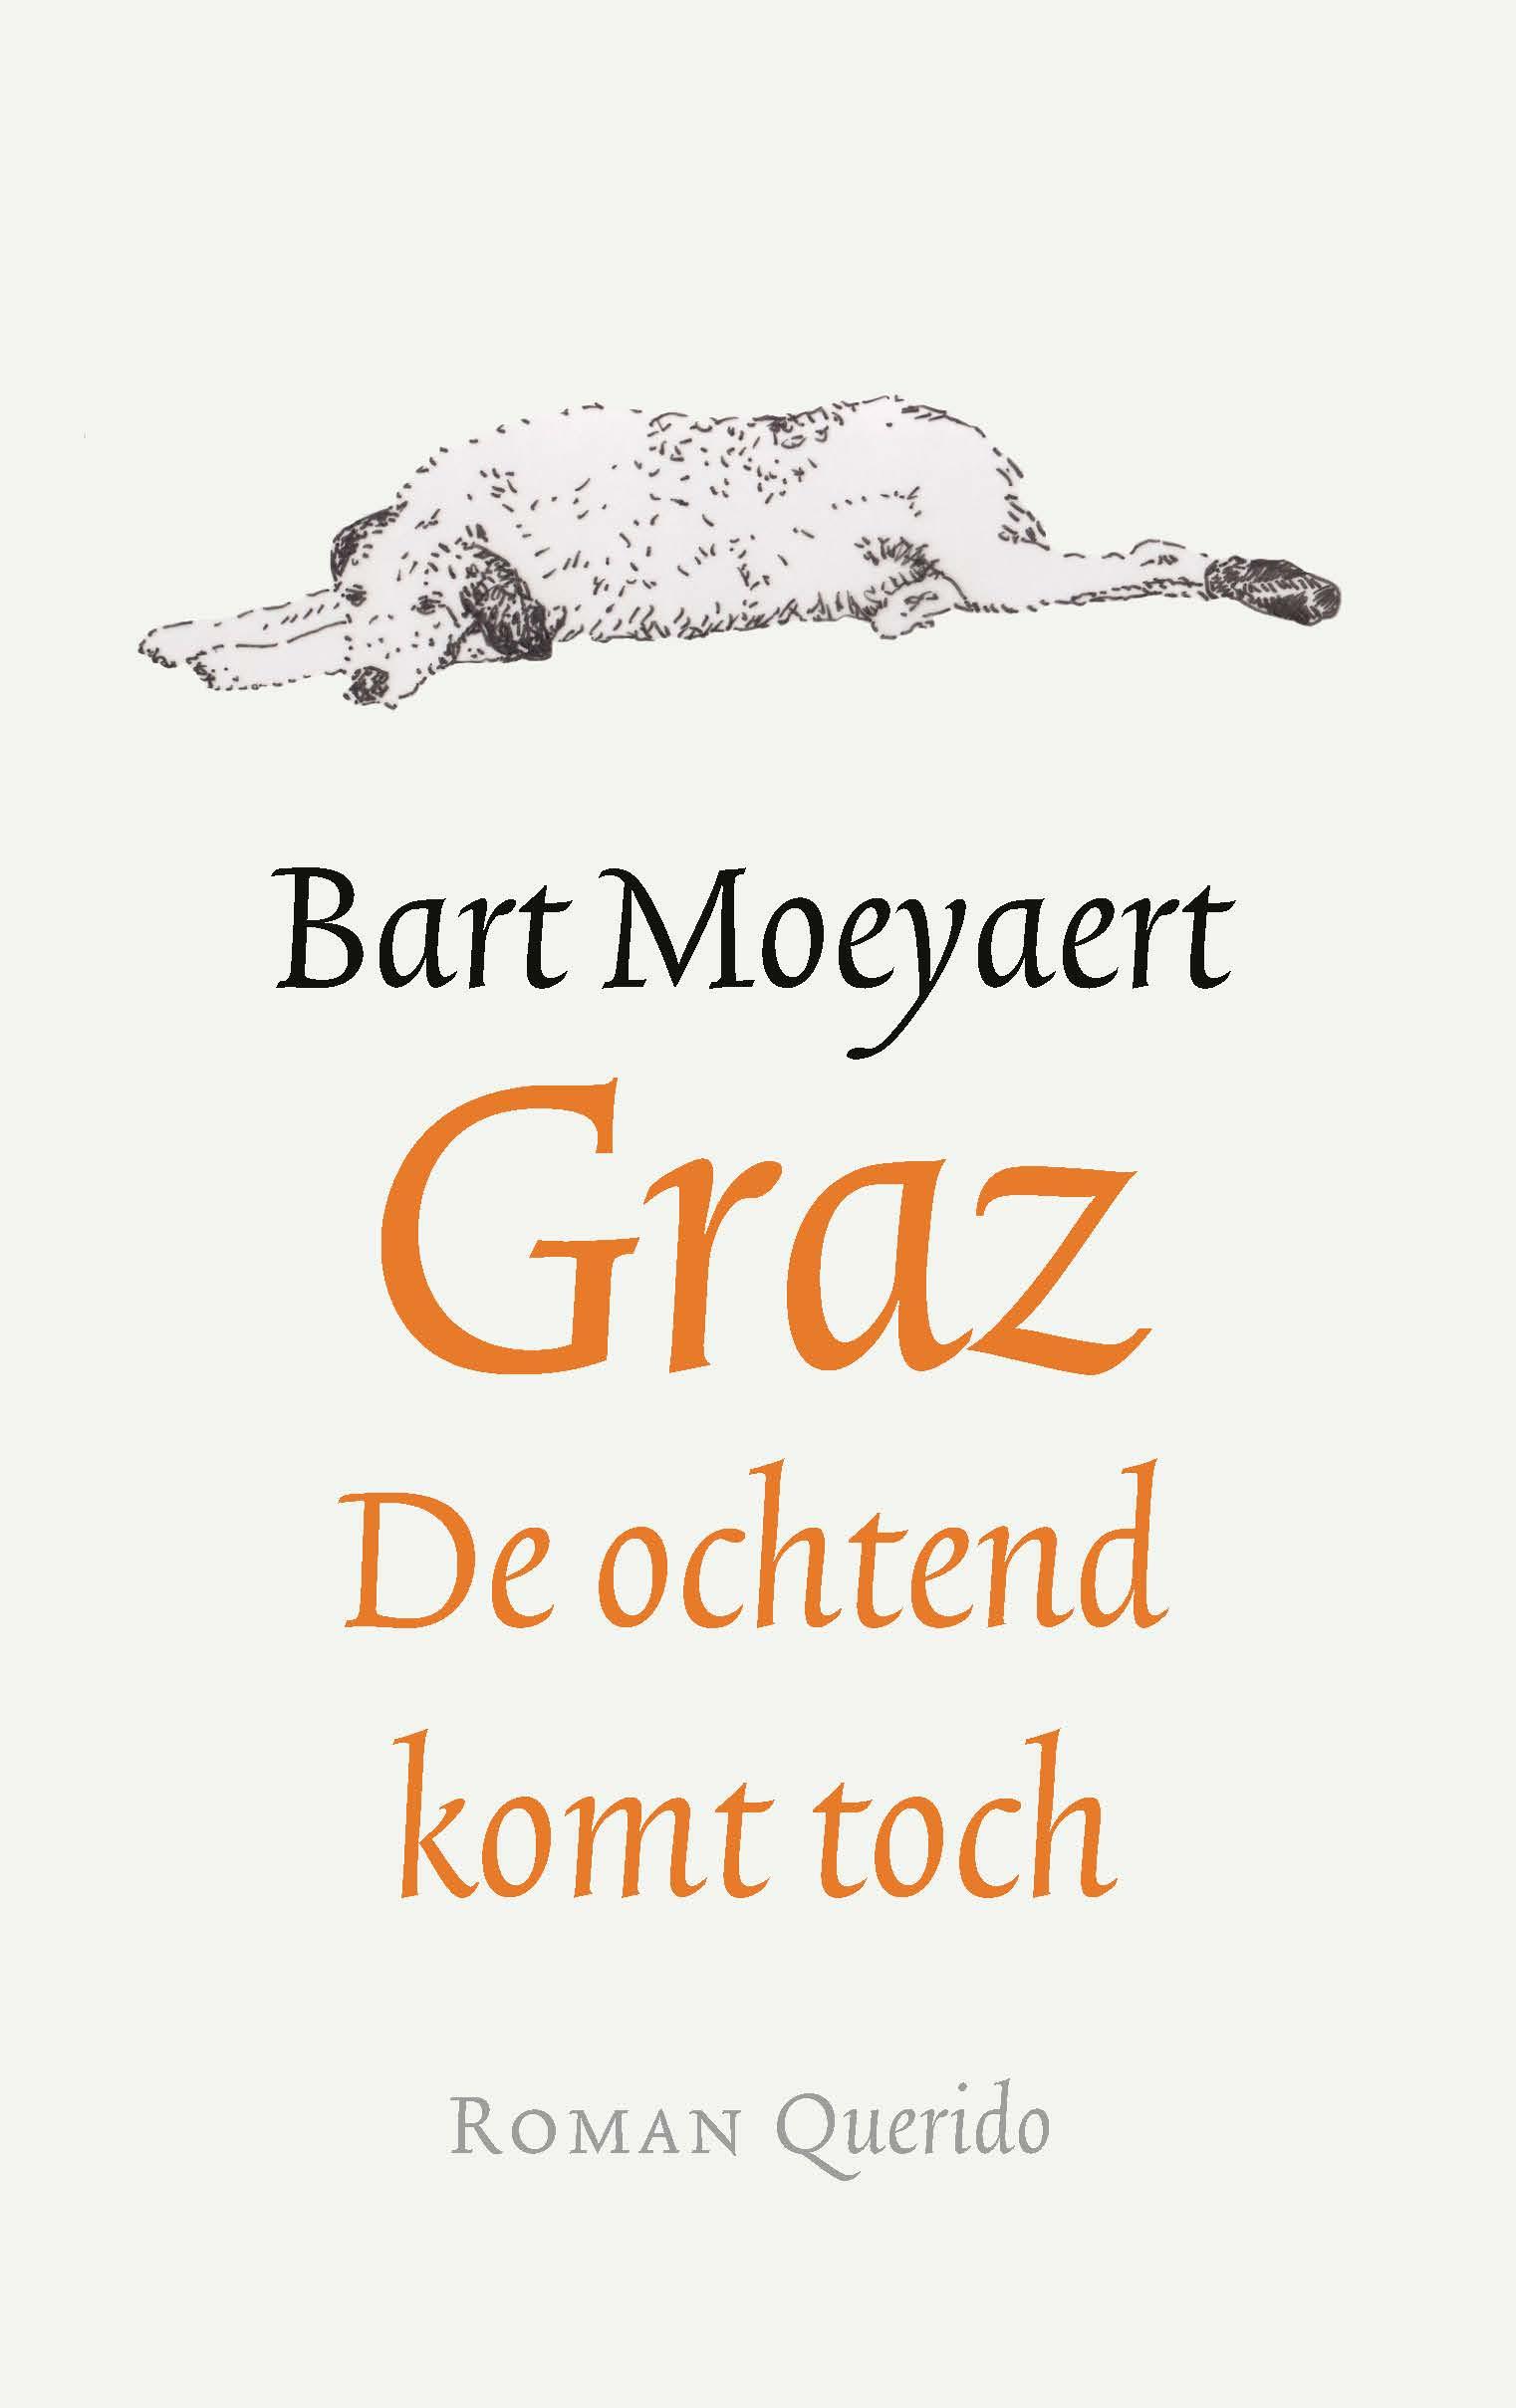 Graz - boekenflits.nl